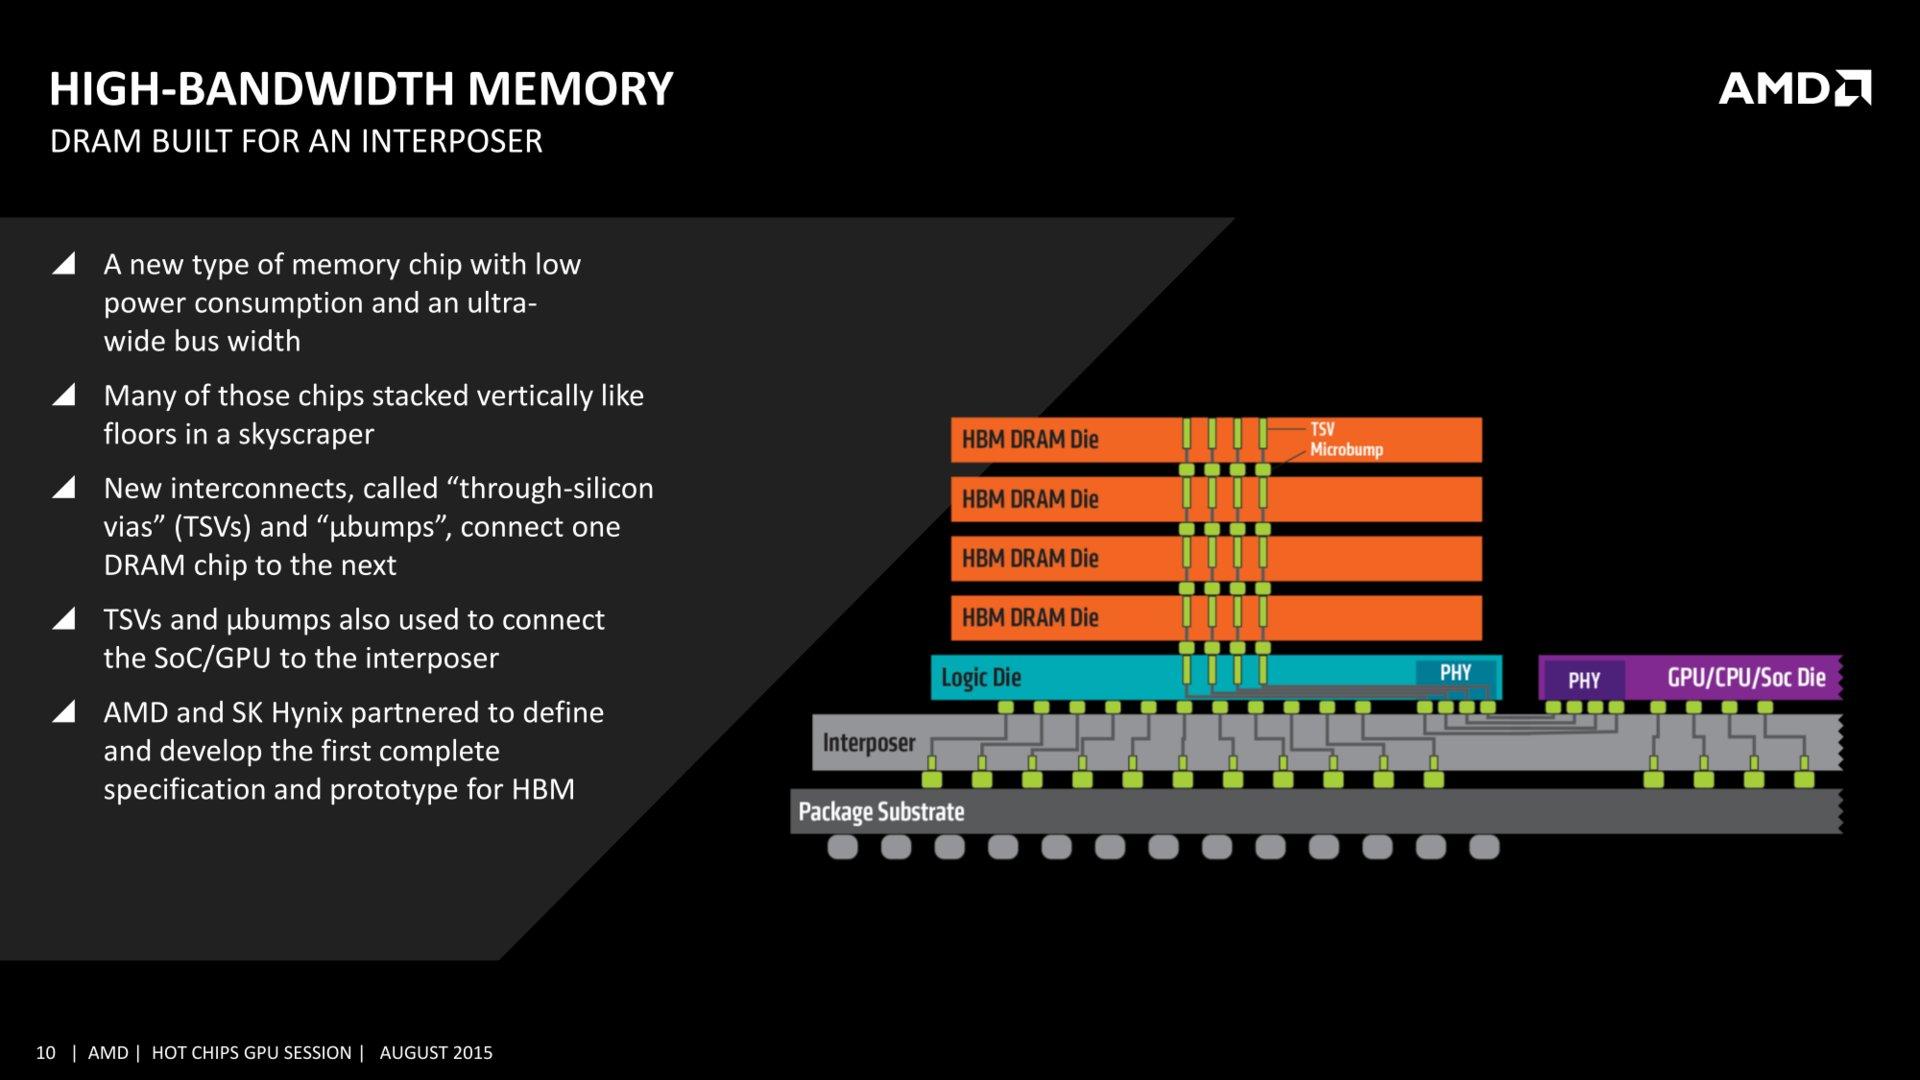 High Bandwidth Memory (HBM)